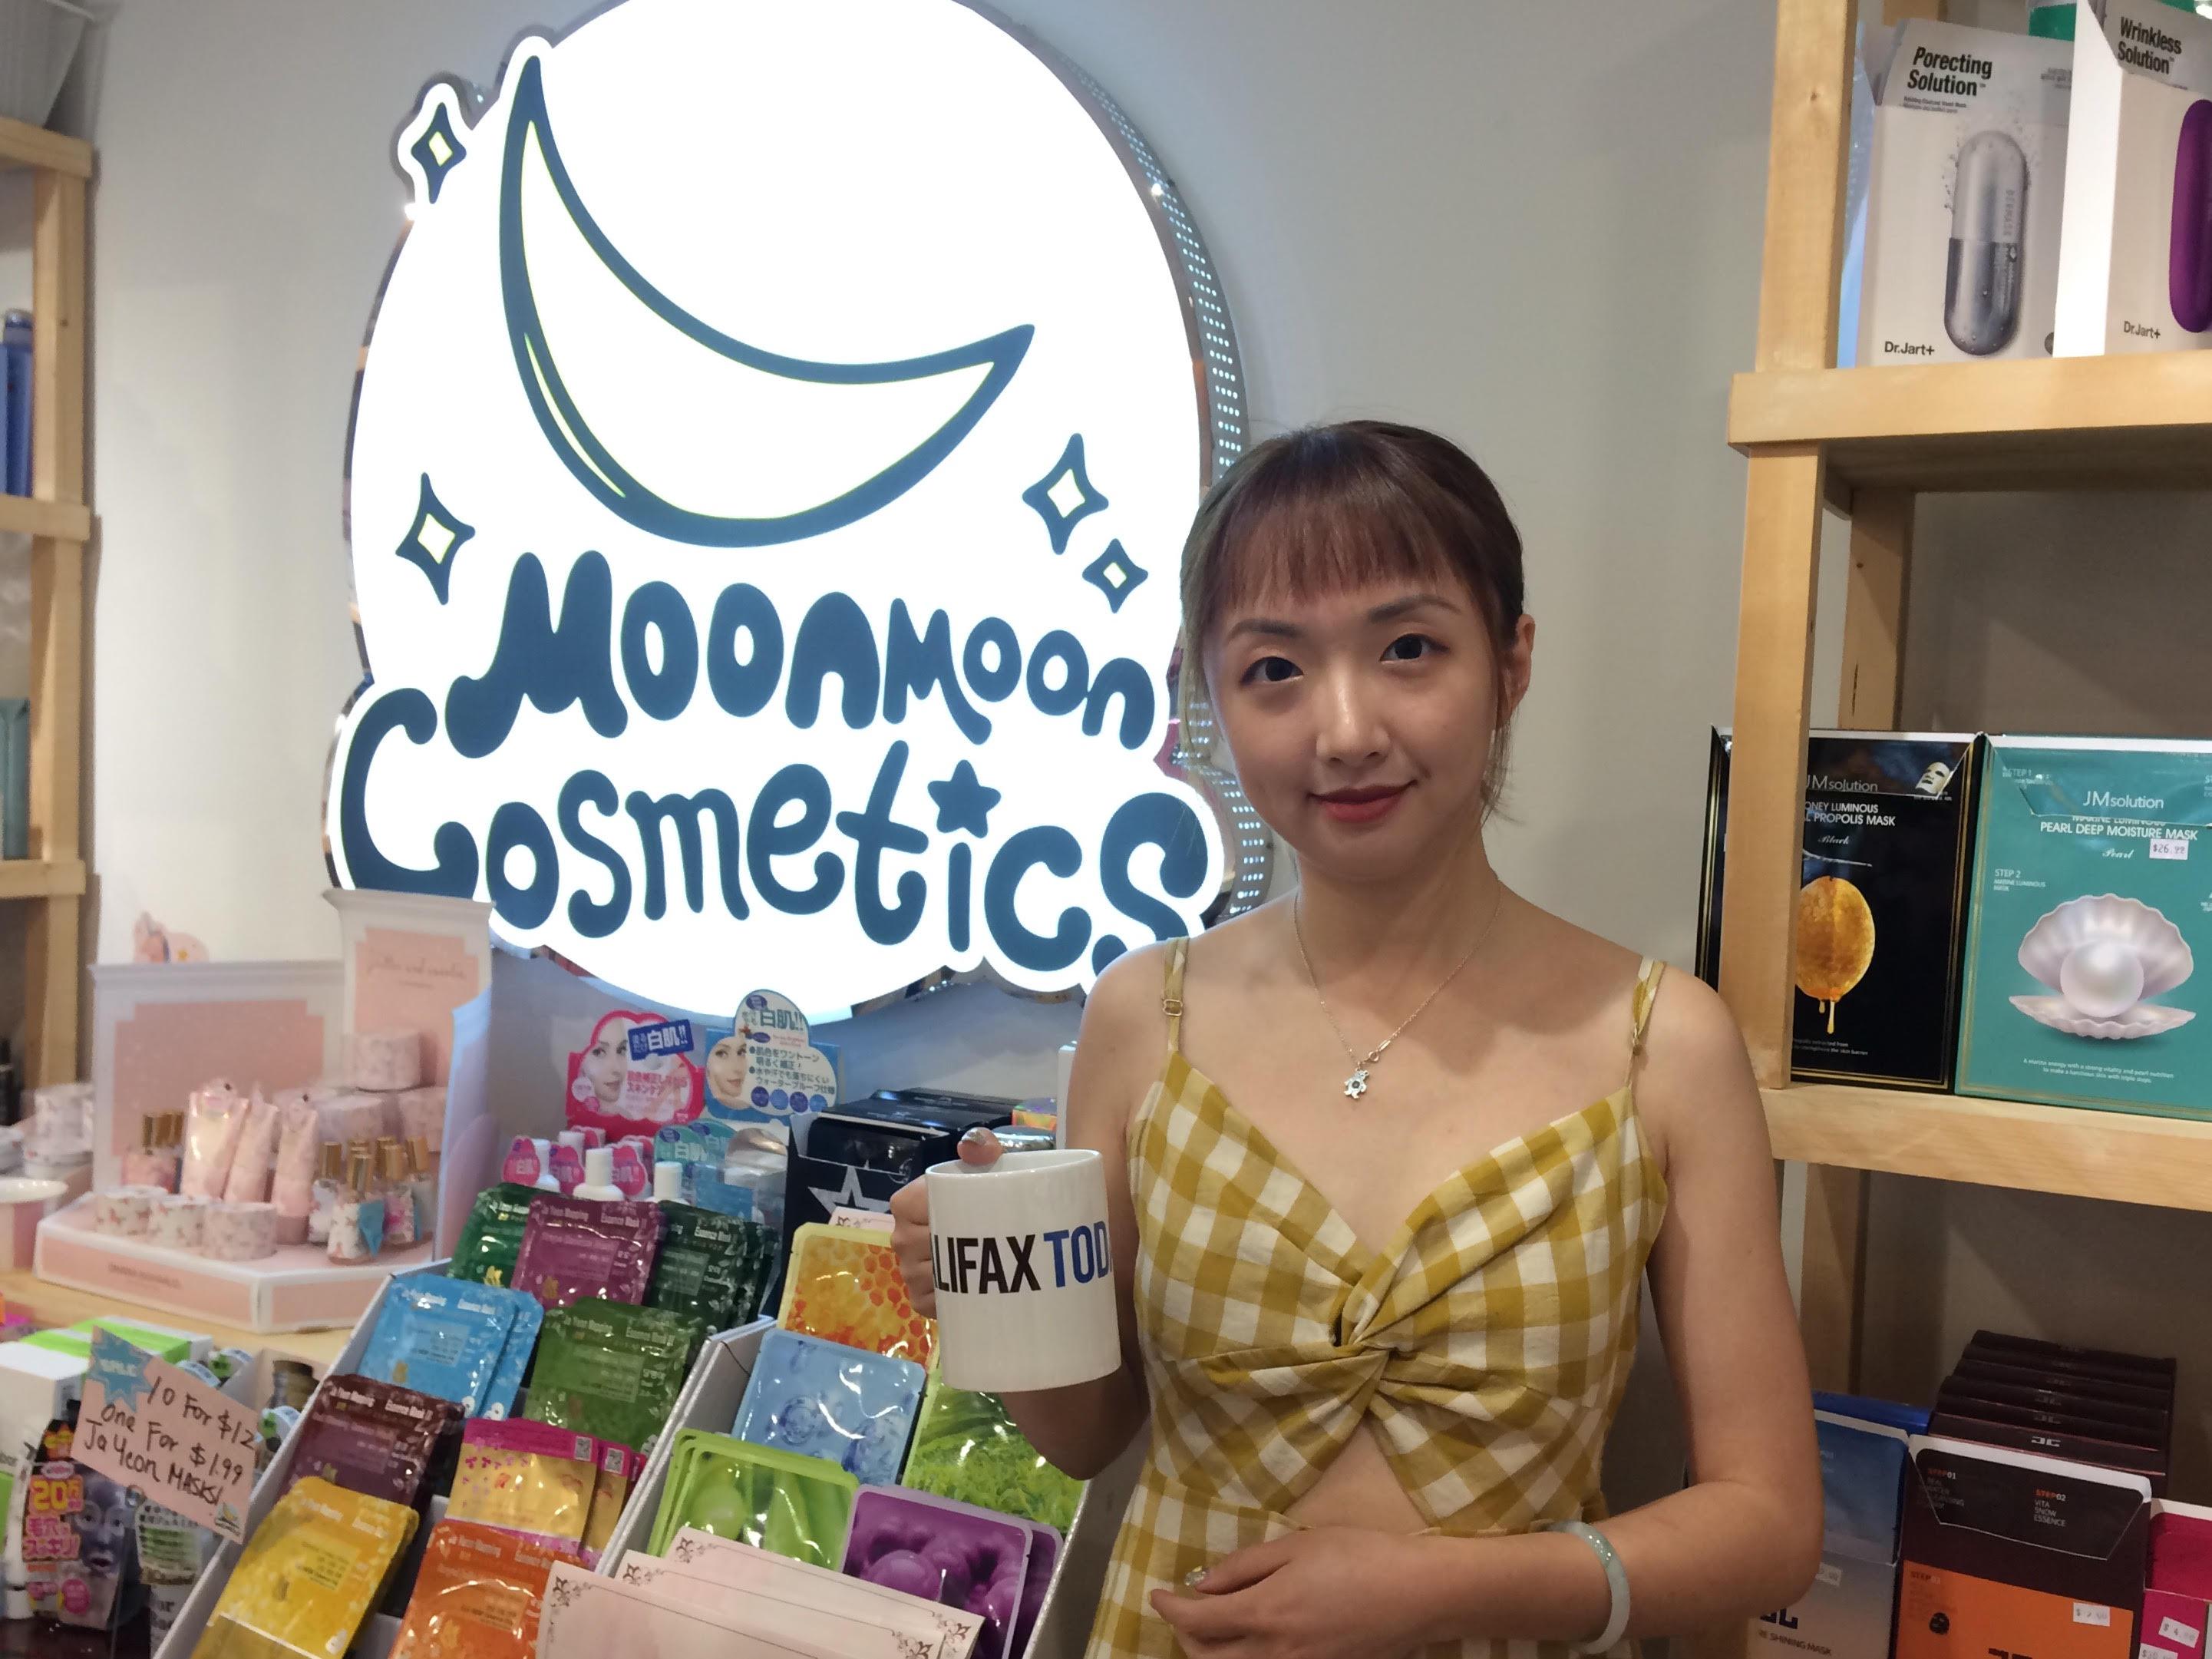 Moonmoon Moonmoon checking